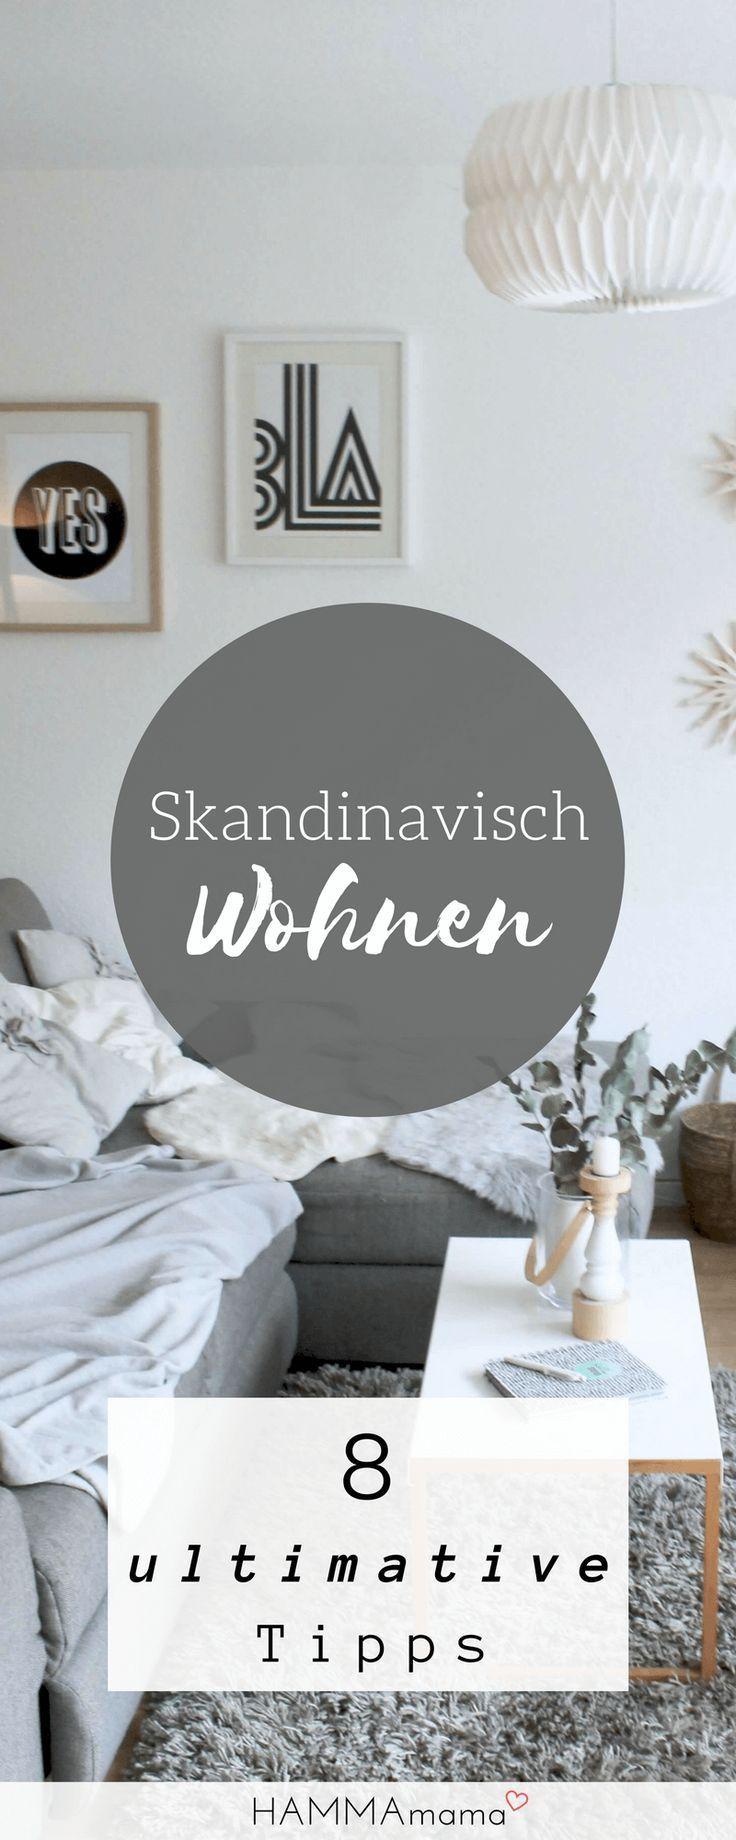 7 Friedlich Bild Von Deko Wohnzimmer nordisch  Skandinavische